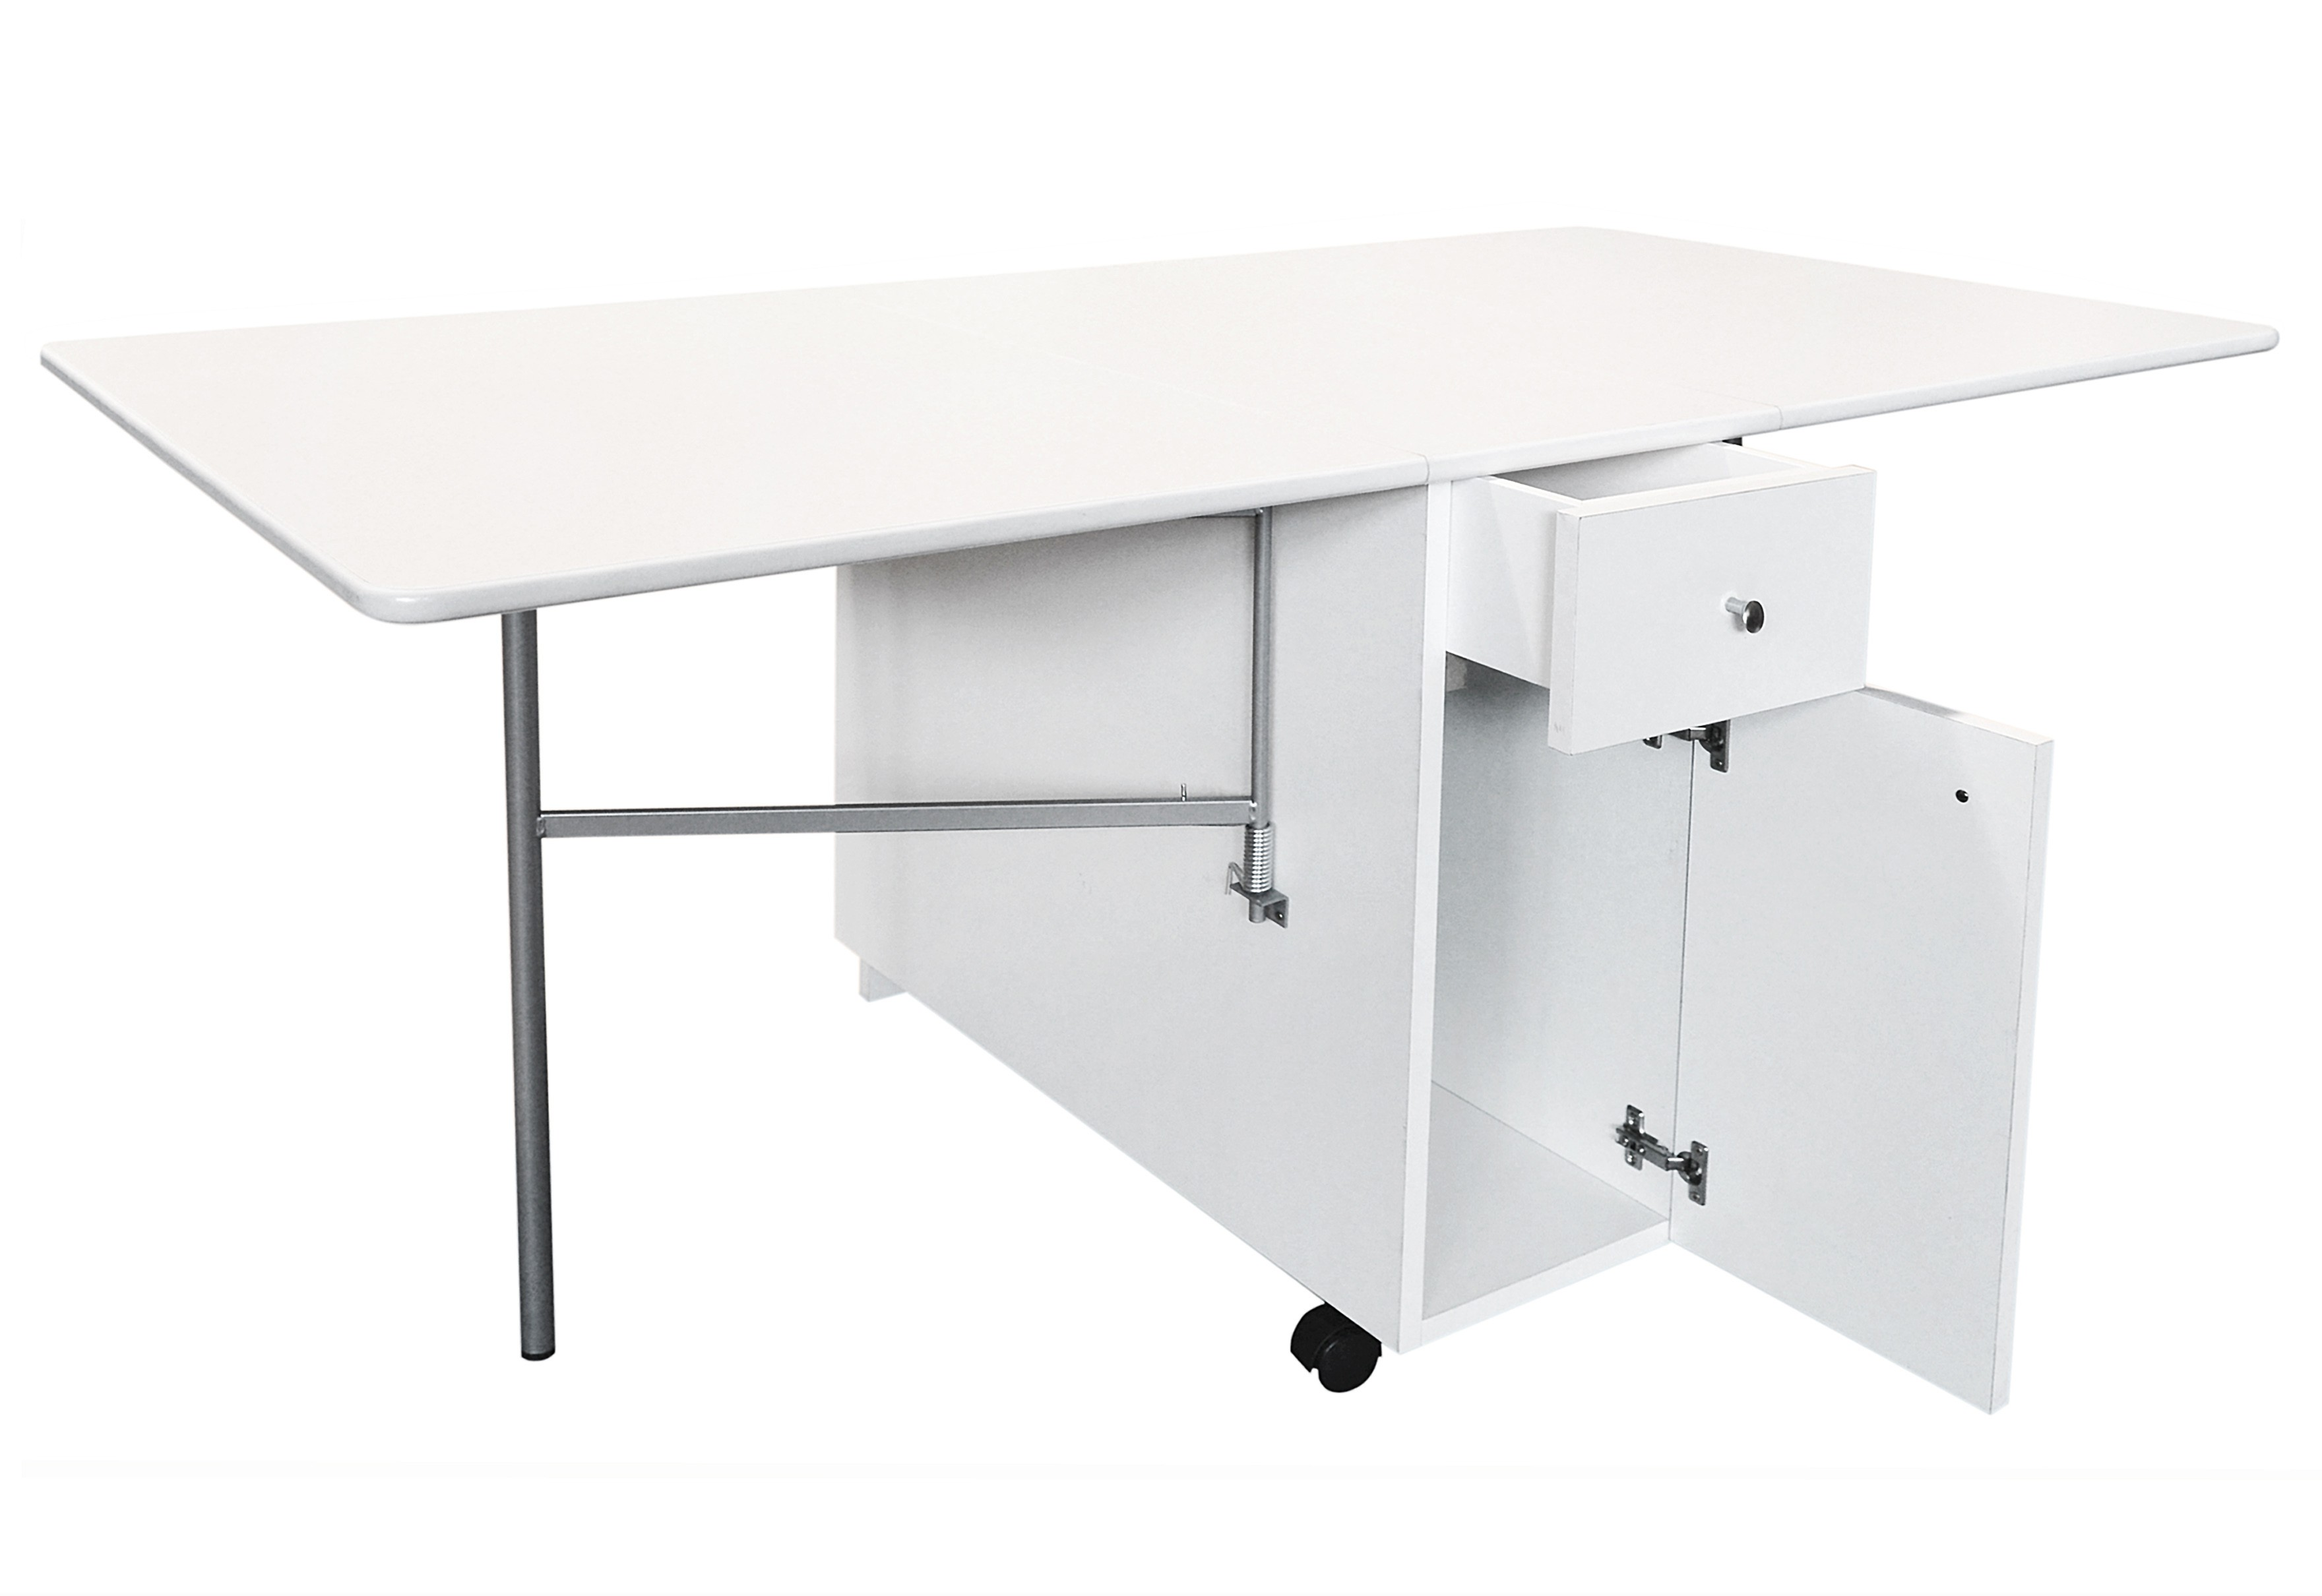 Mesa plegable de cocina amazing mesa plegable de cocina for Mesa auxiliar cocina carrefour